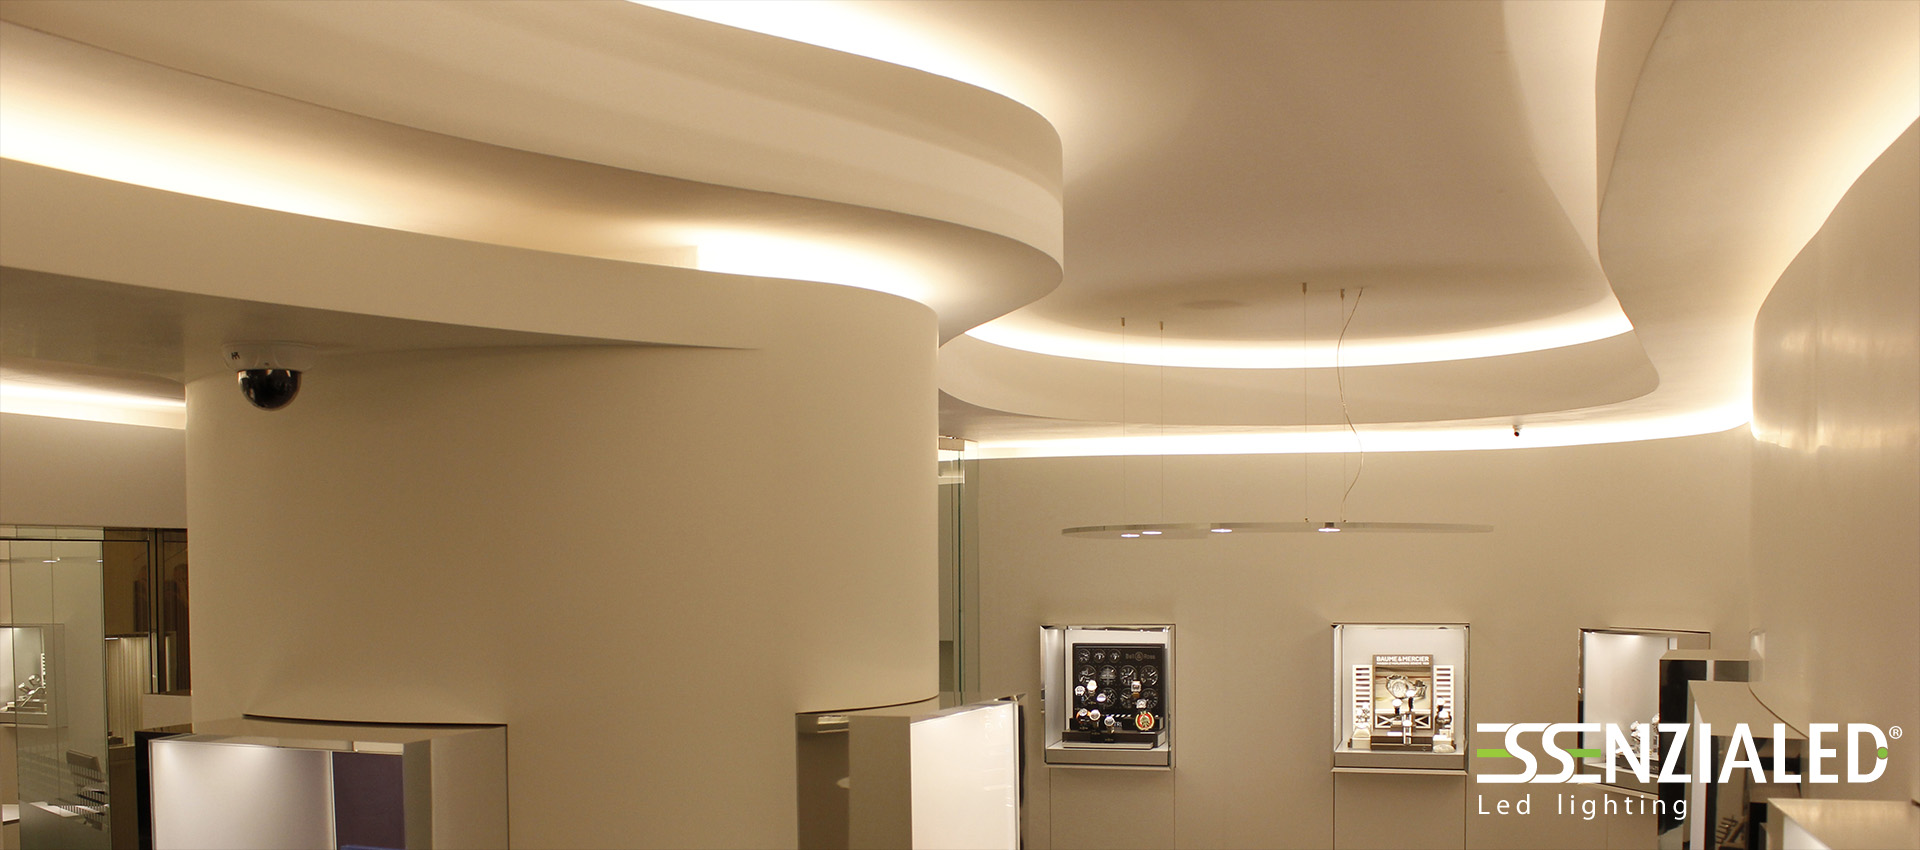 Piatto lampada led per velette in cartongessoessenzialed illuminazione a led - Illuminazione soggiorno led ...